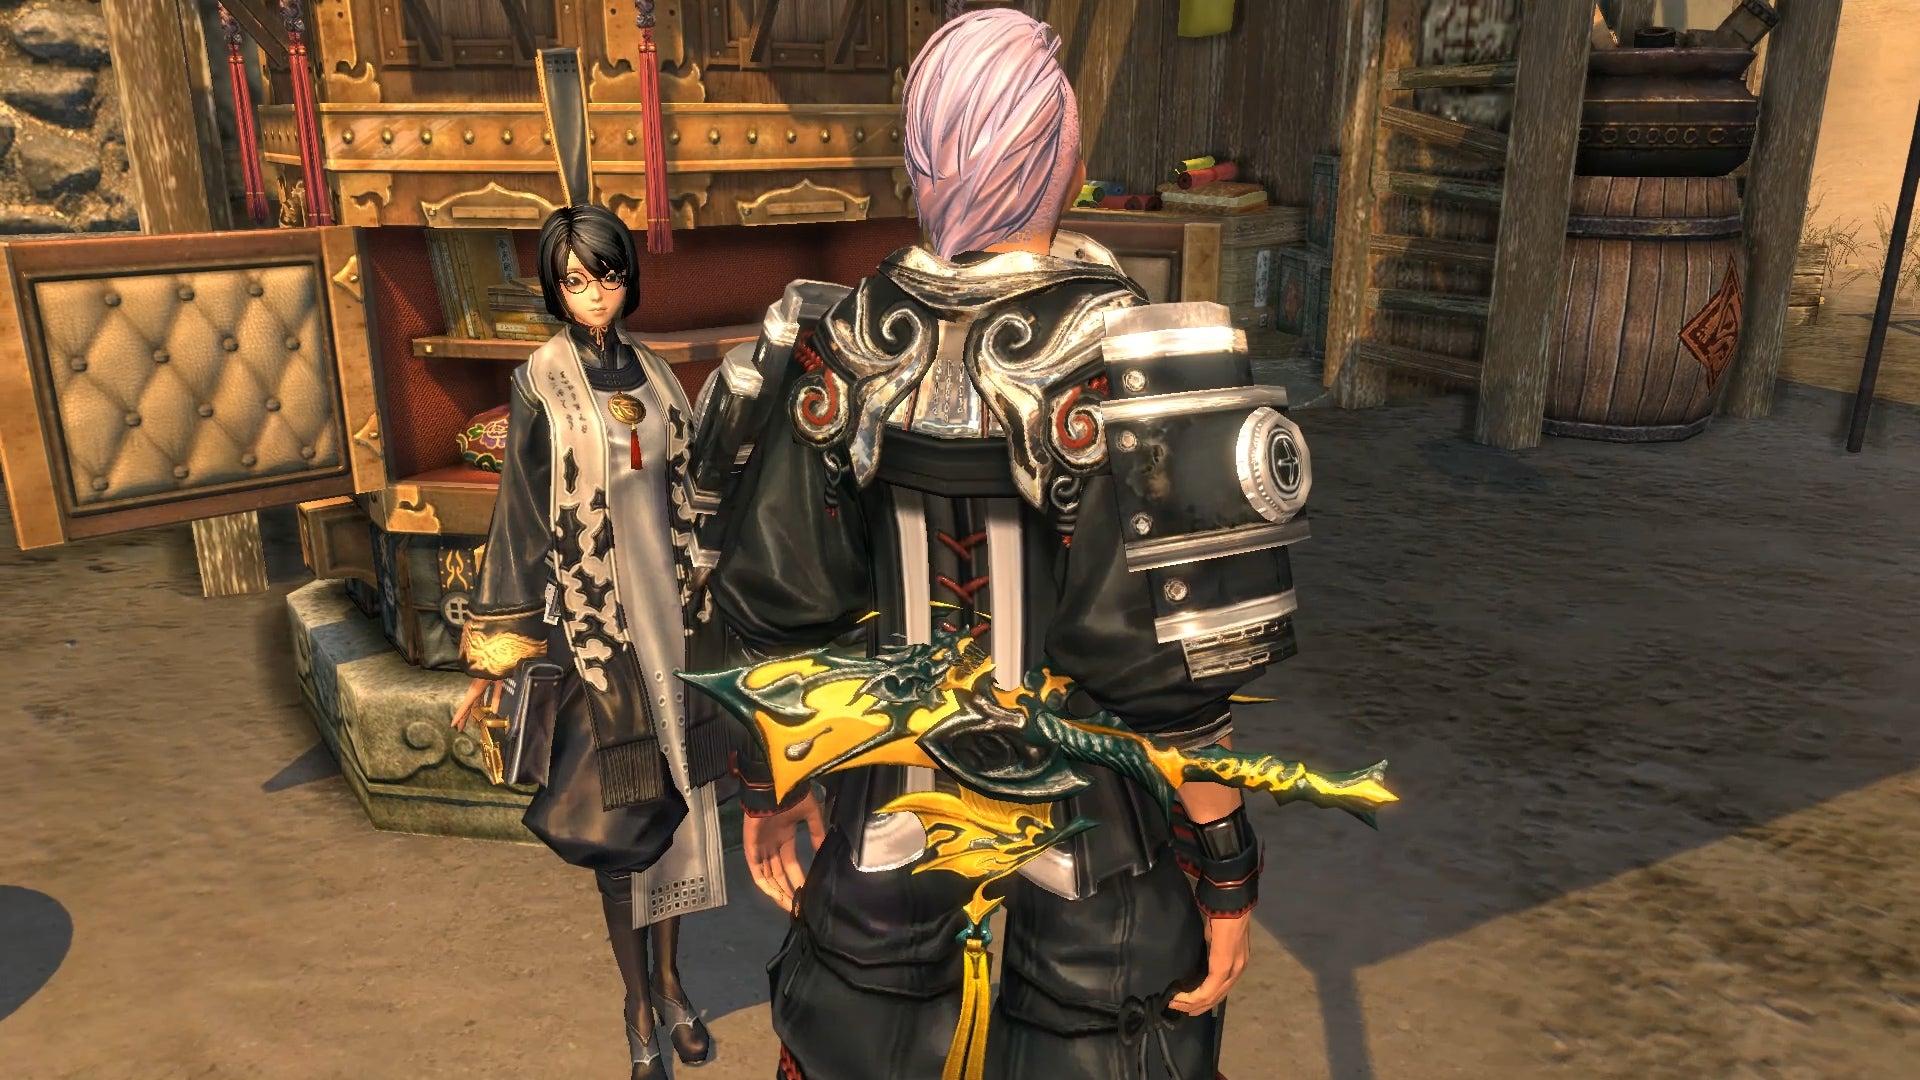 My New Best Friend Is A Blade & Soul NPC